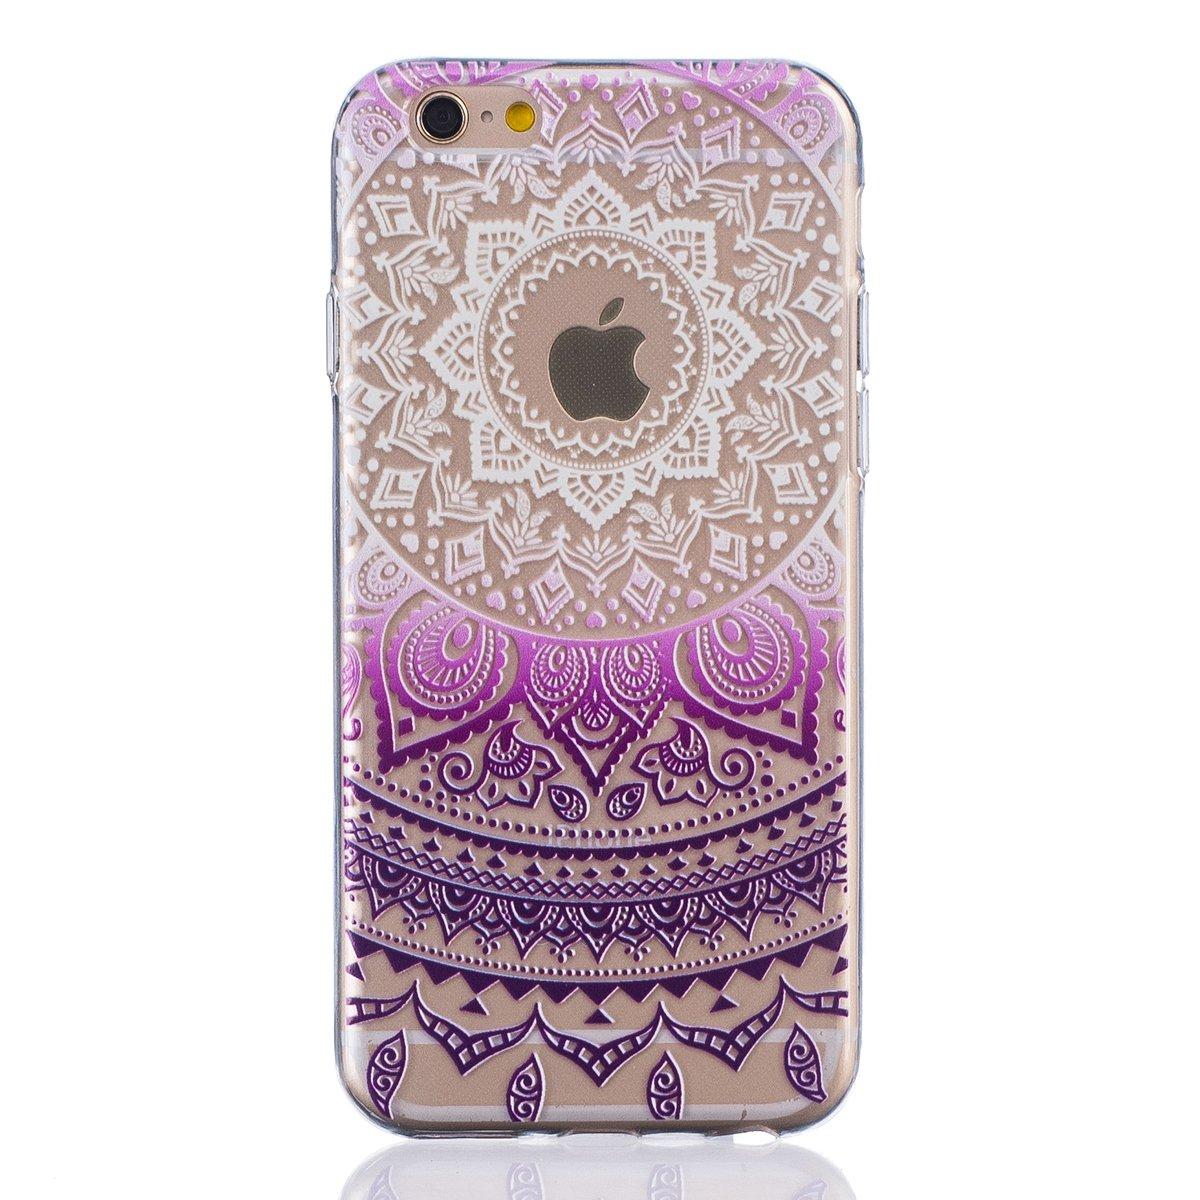 IKASEFUクリアトライバルフラワーパターンソフトジェルスリムフィット保護バンパーケースカバーfor iPhone 6 Plus / 6s Plus 5.5